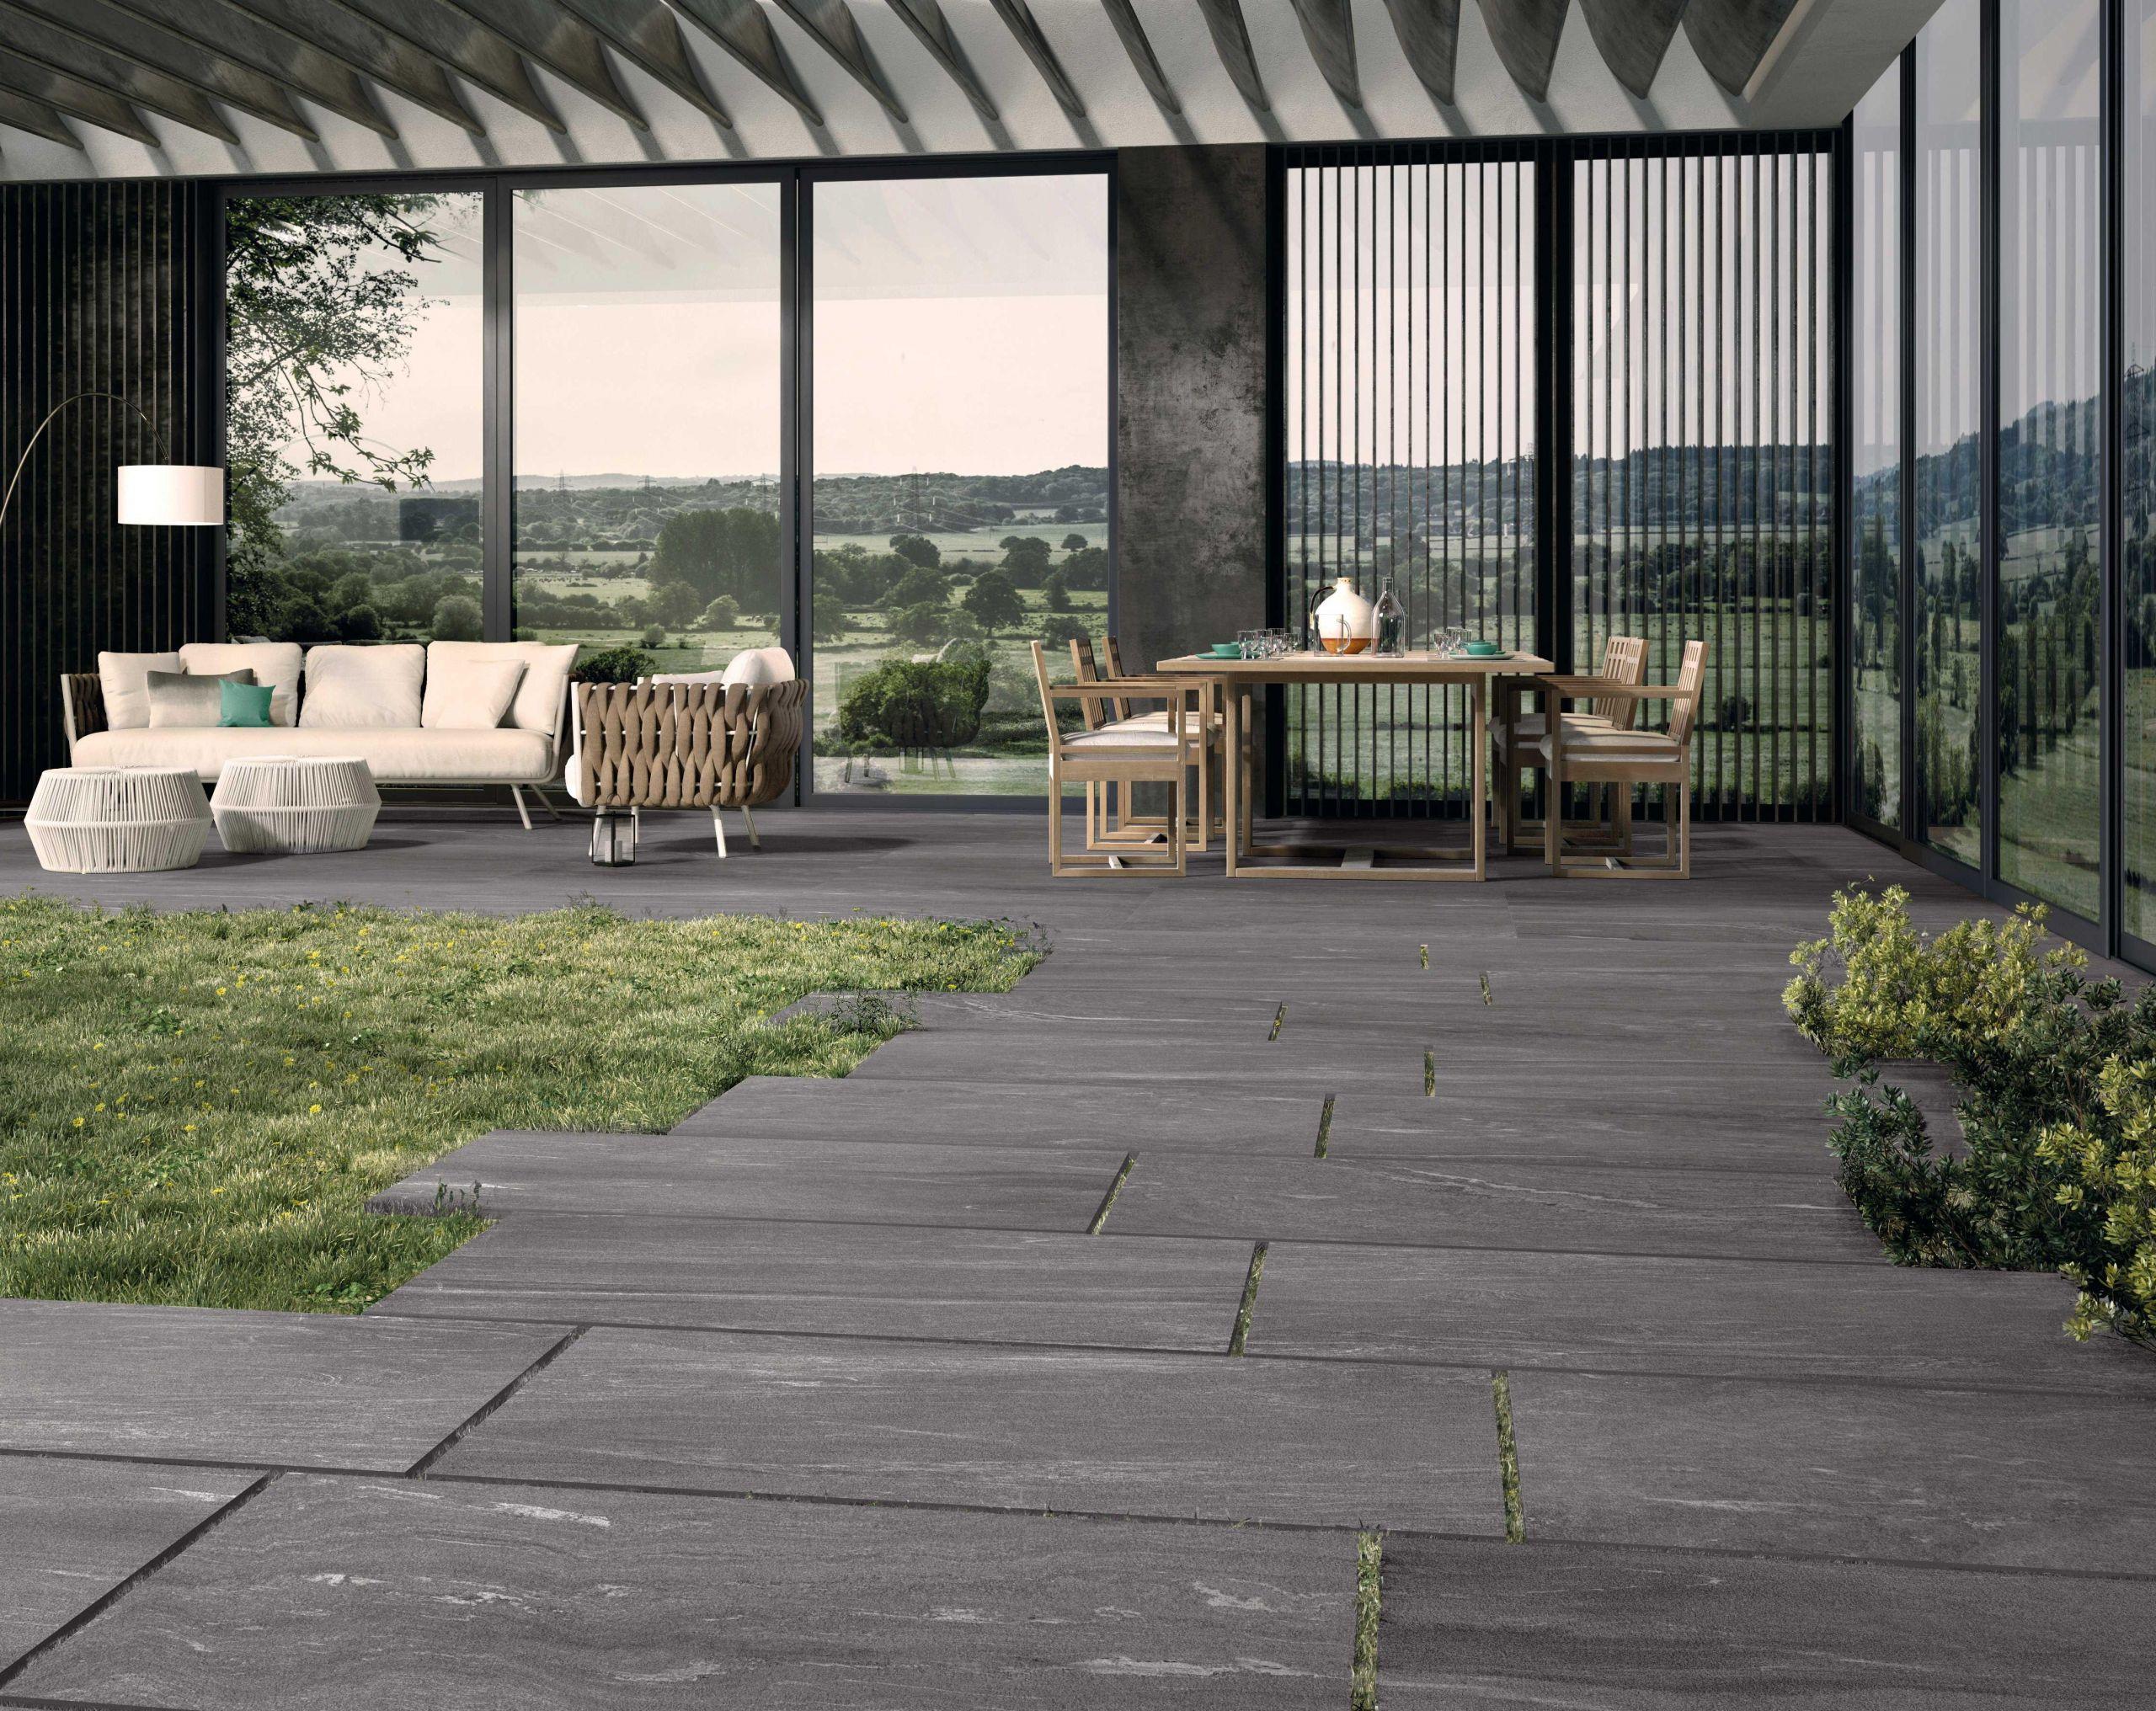 Solde Carrelage Exterieur Carrelage Extérieur Pour Terrasses Dans Le Var à La